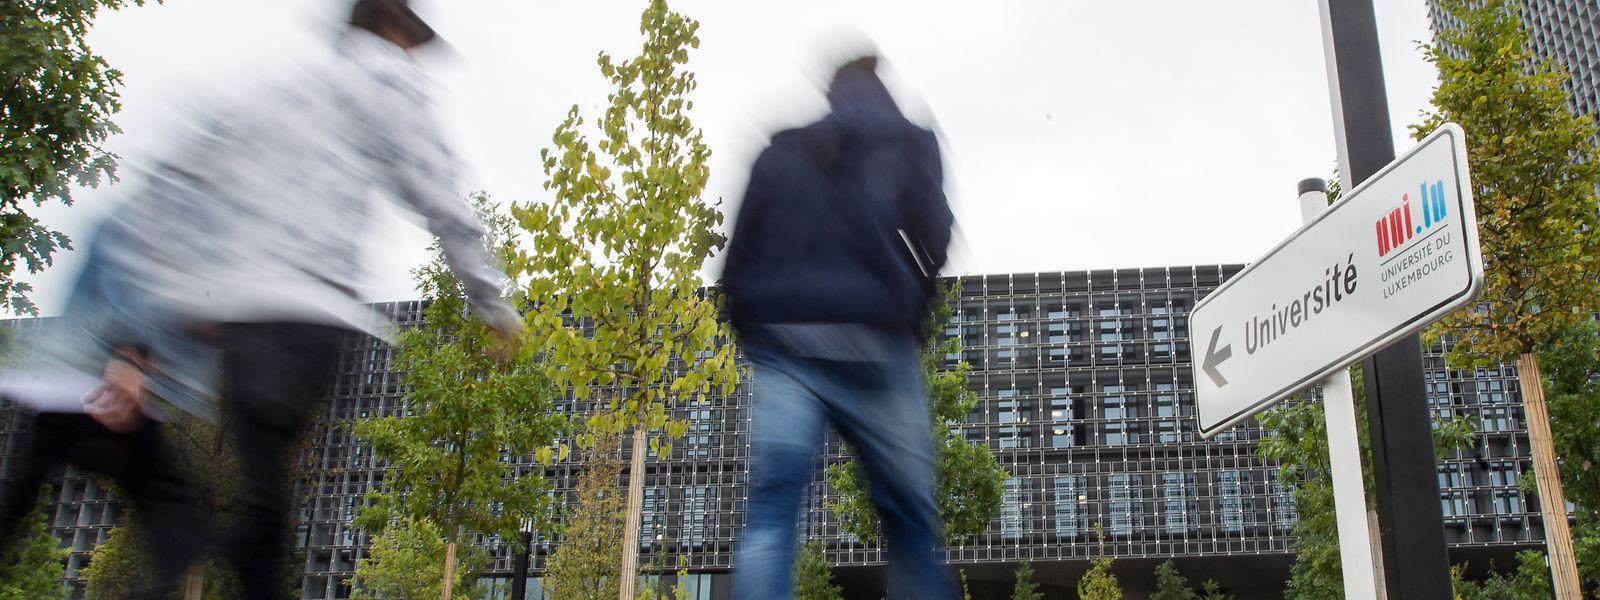 Die Uni Luxemburg sorgt nicht für ausreichend Lehrernachwuchs im Fondamental.